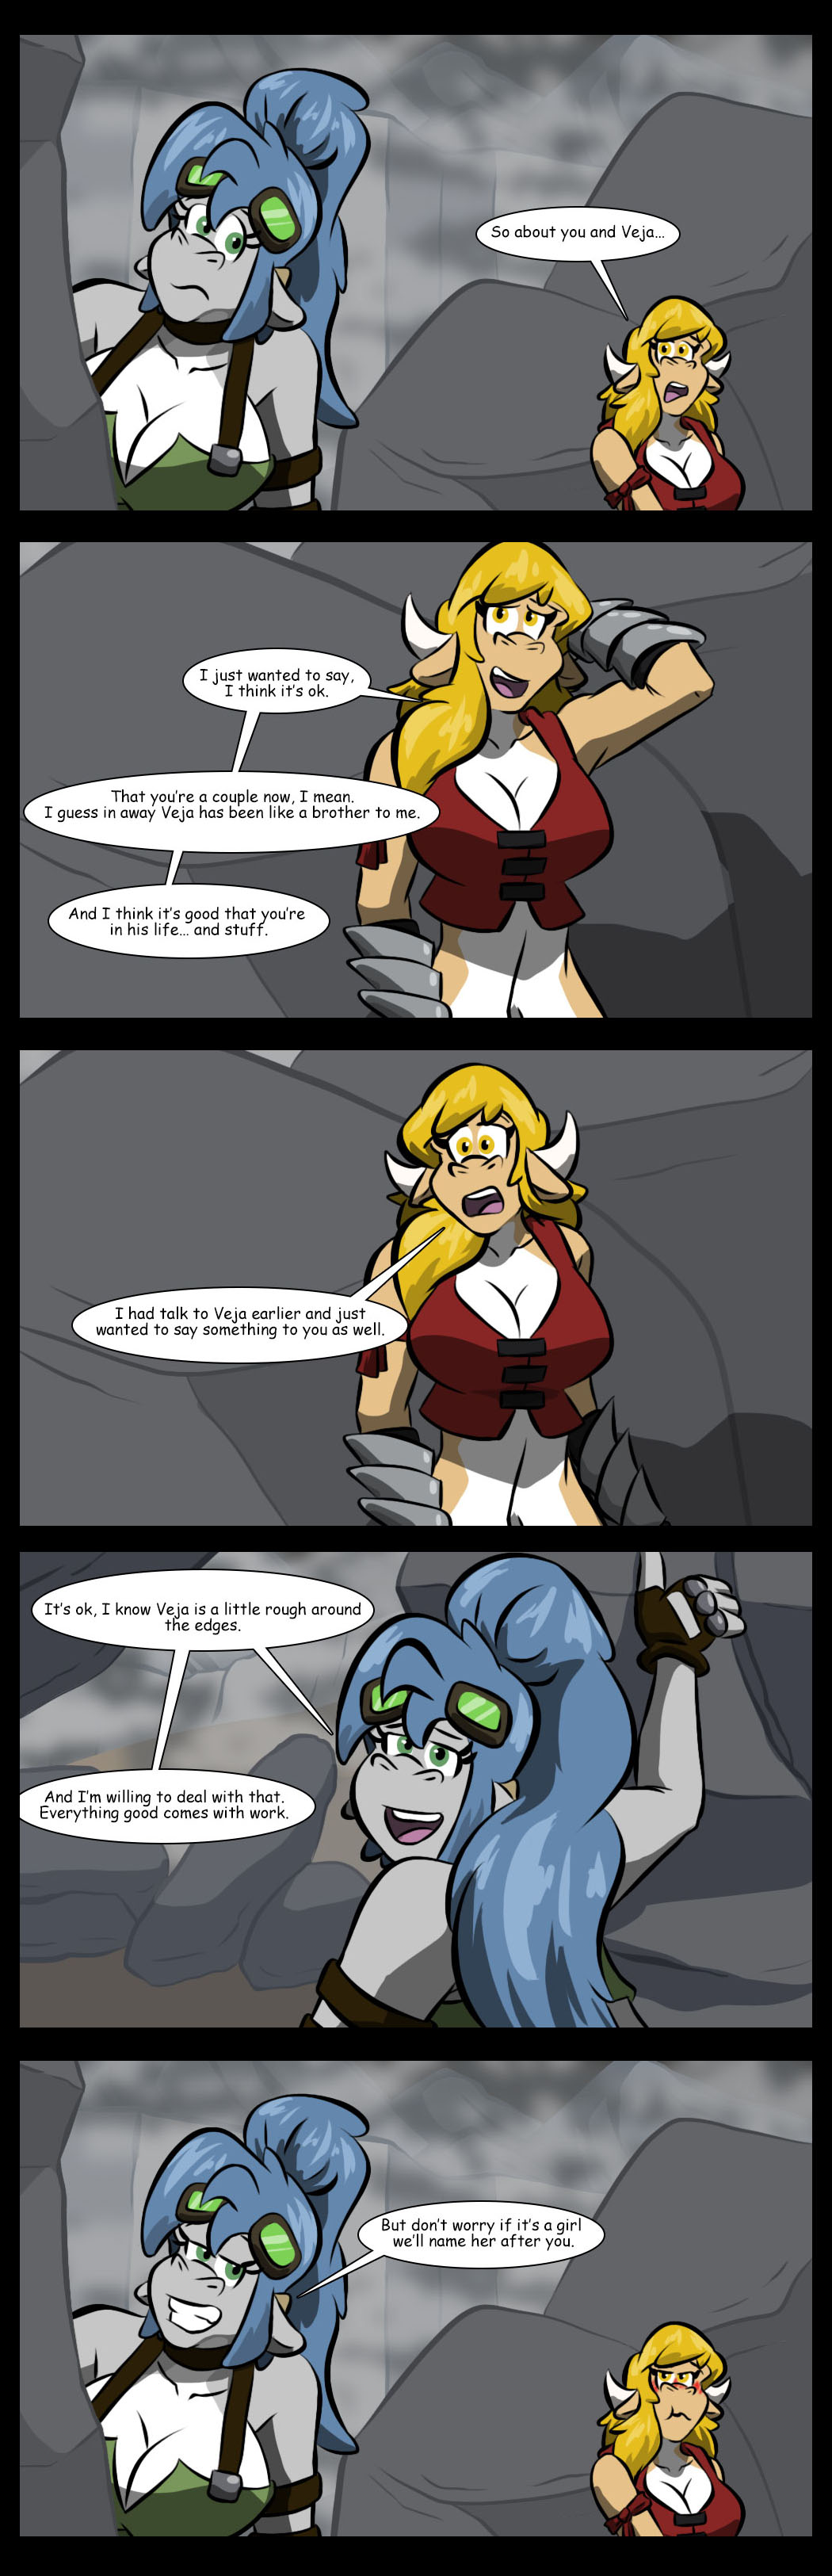 A little rough talk